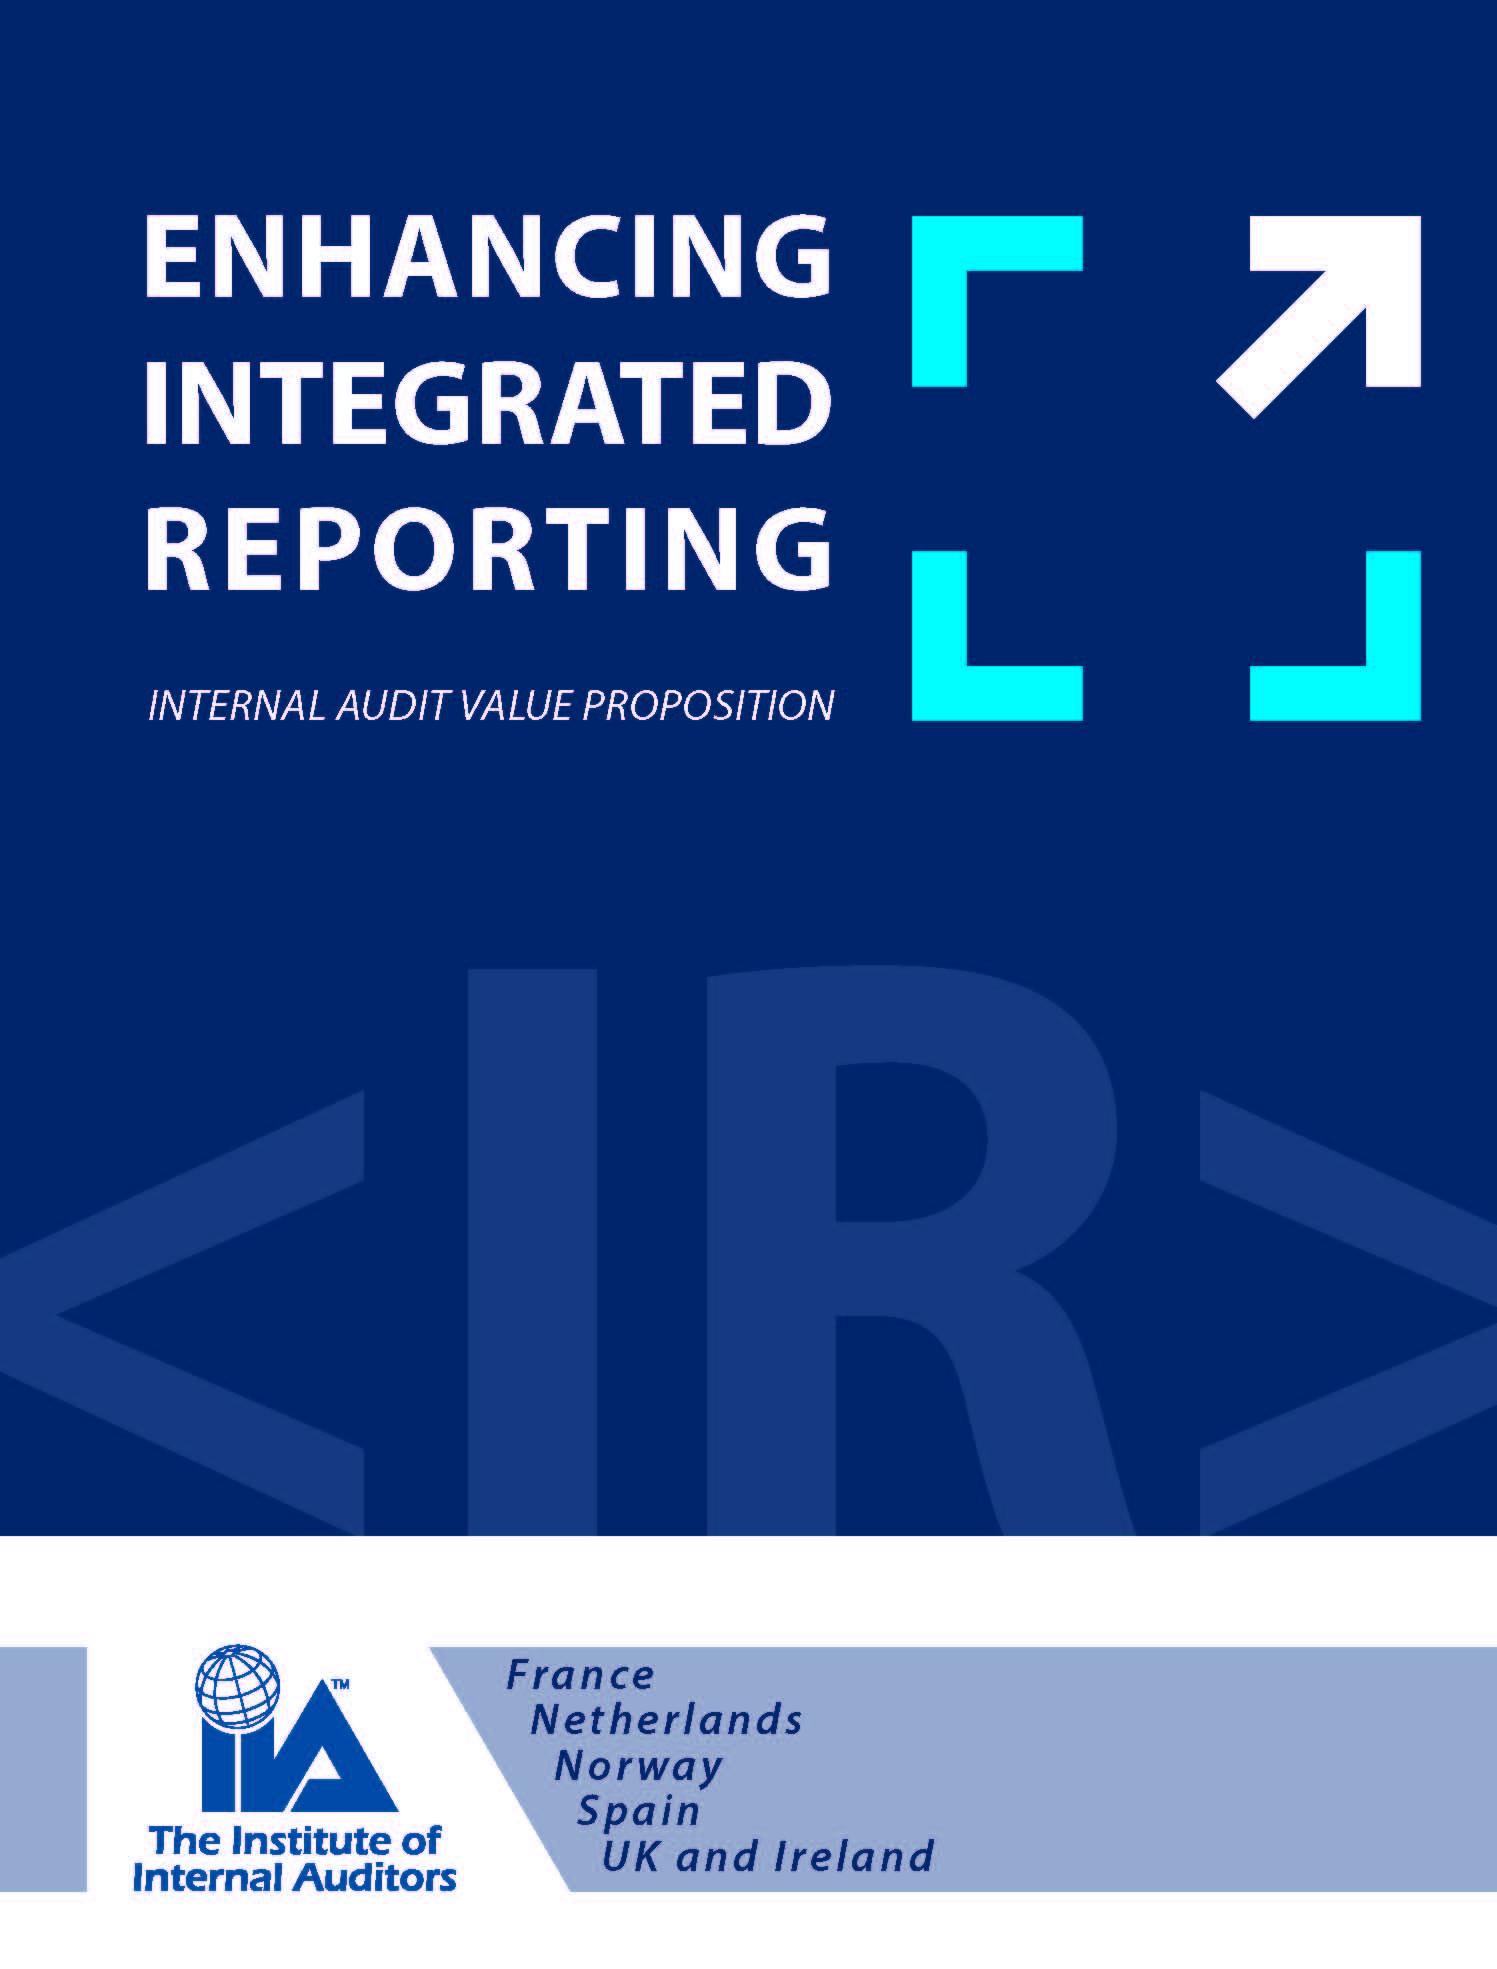 Améliorer le Reporting Intégré